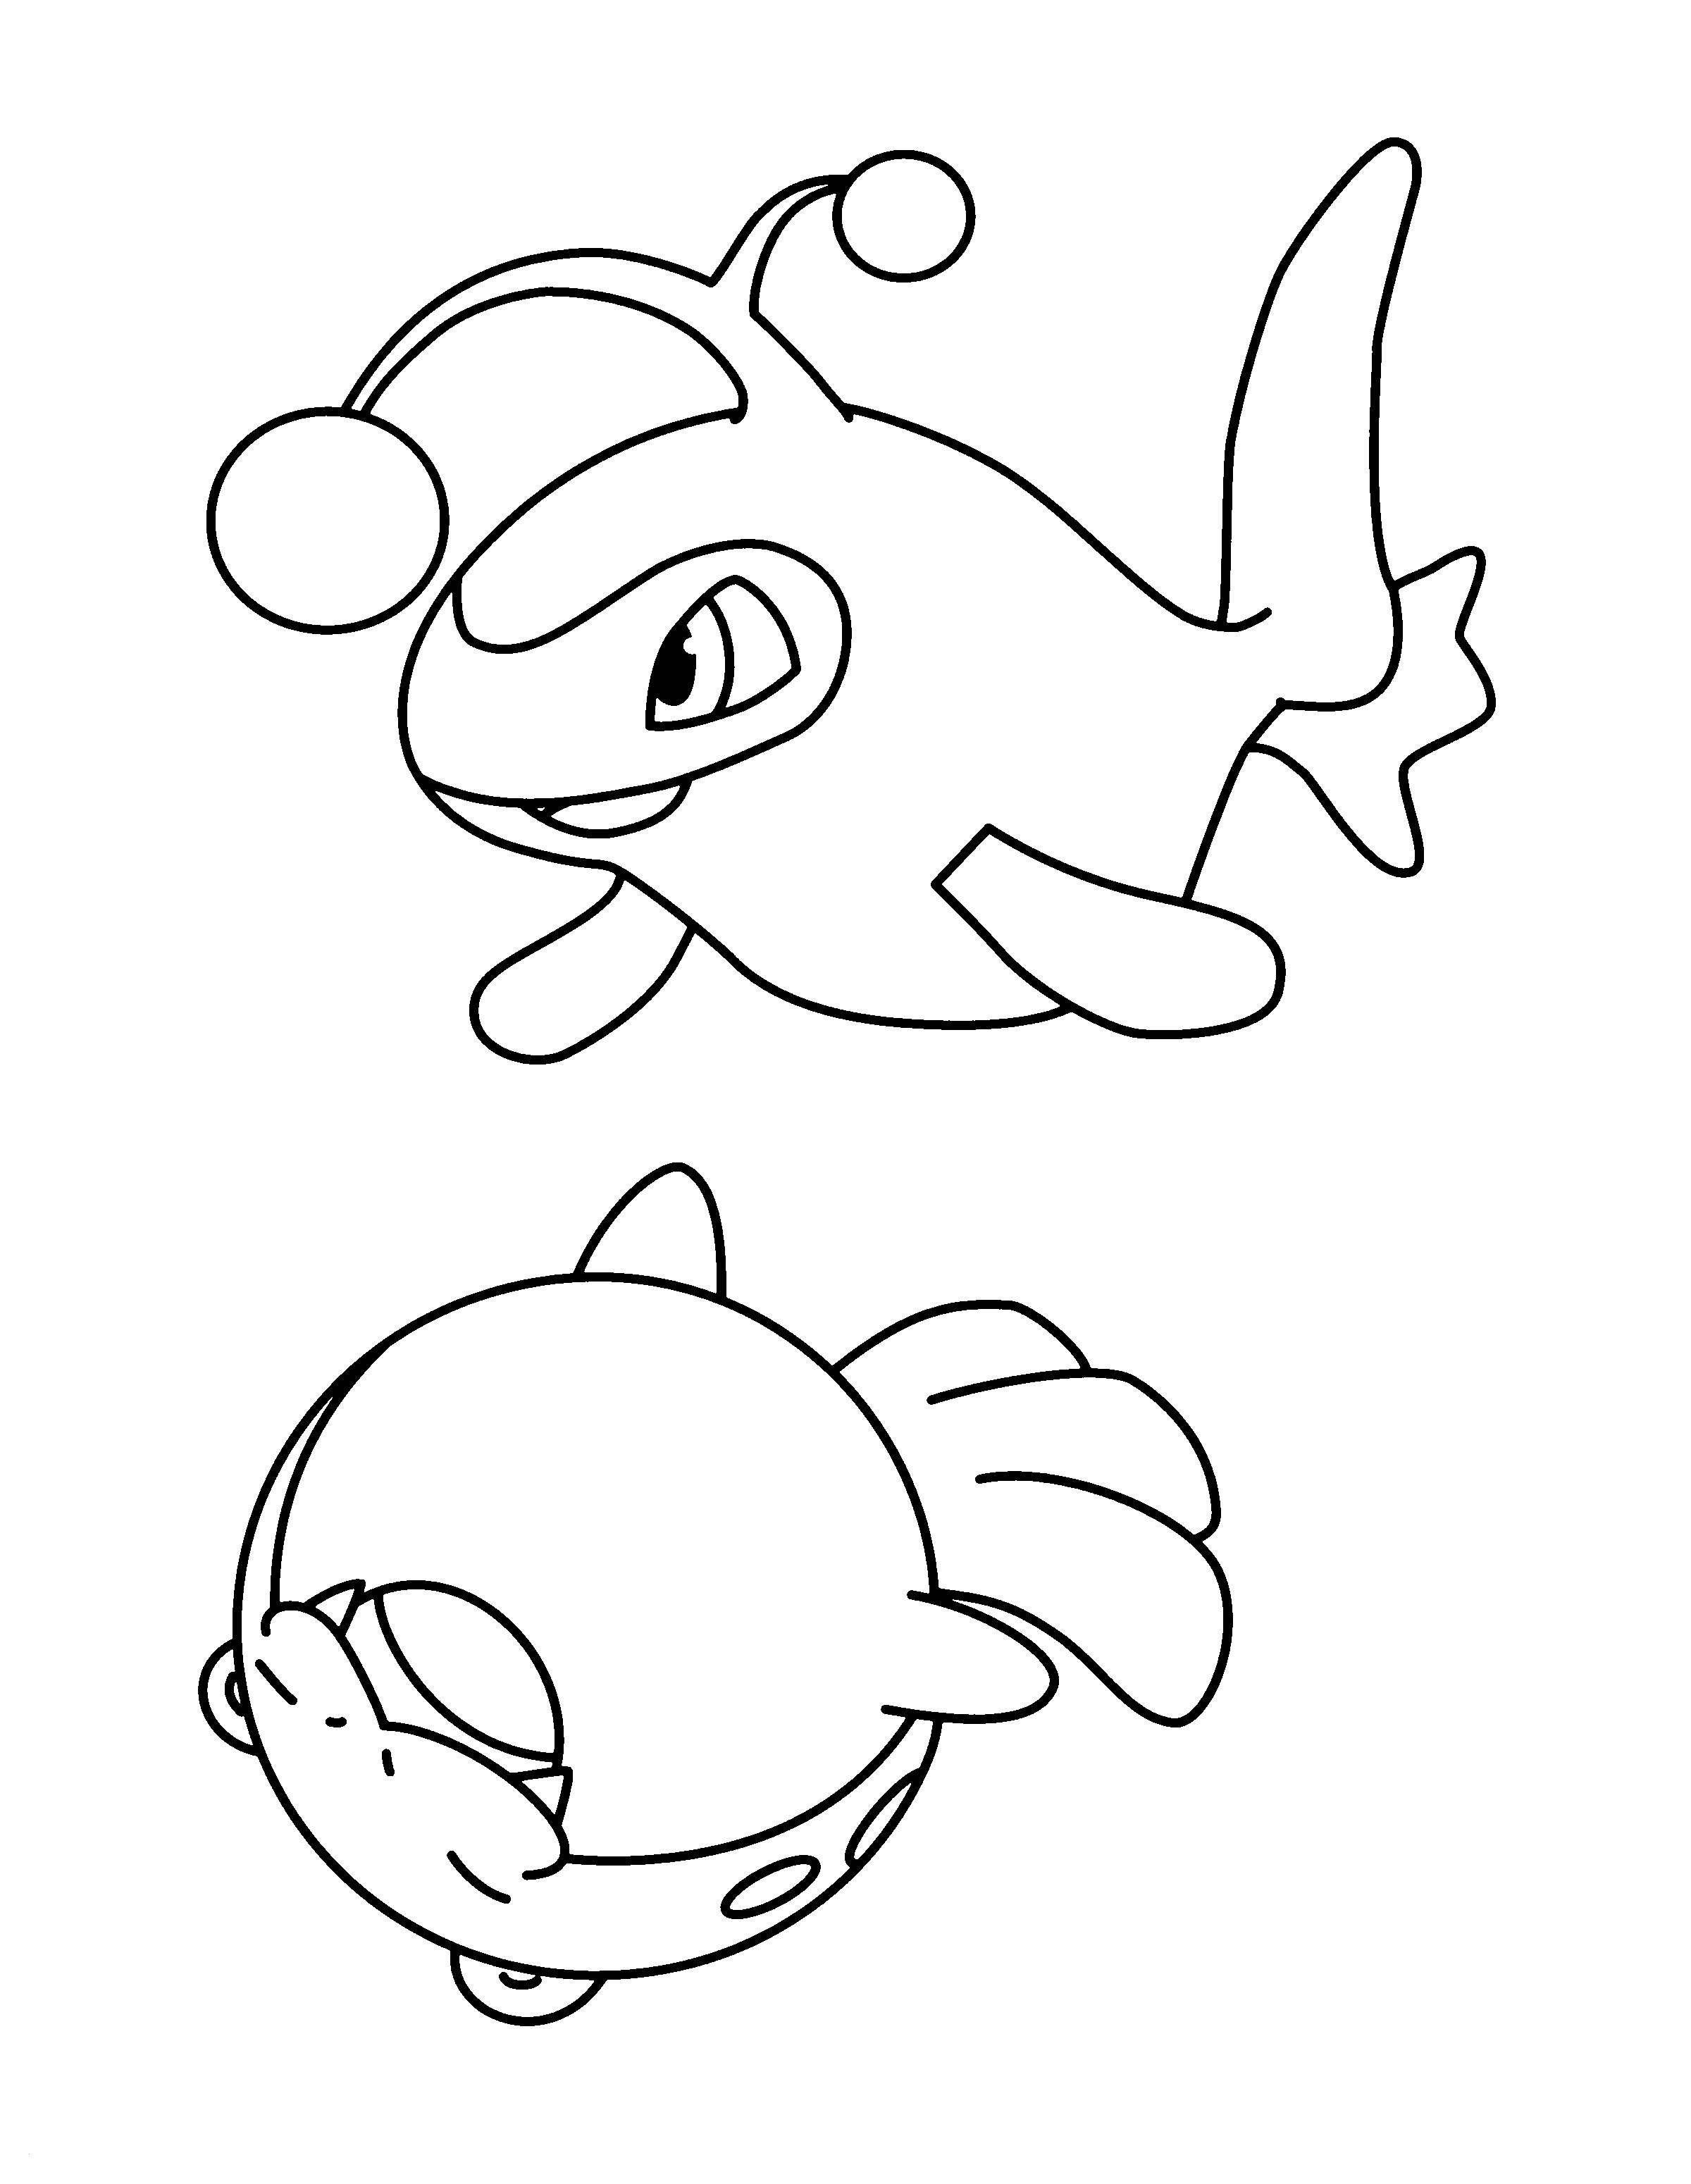 Ausmalbilder Pokemon Raichu Einzigartig 33 Pokemons Zum Ausmalen Bilder